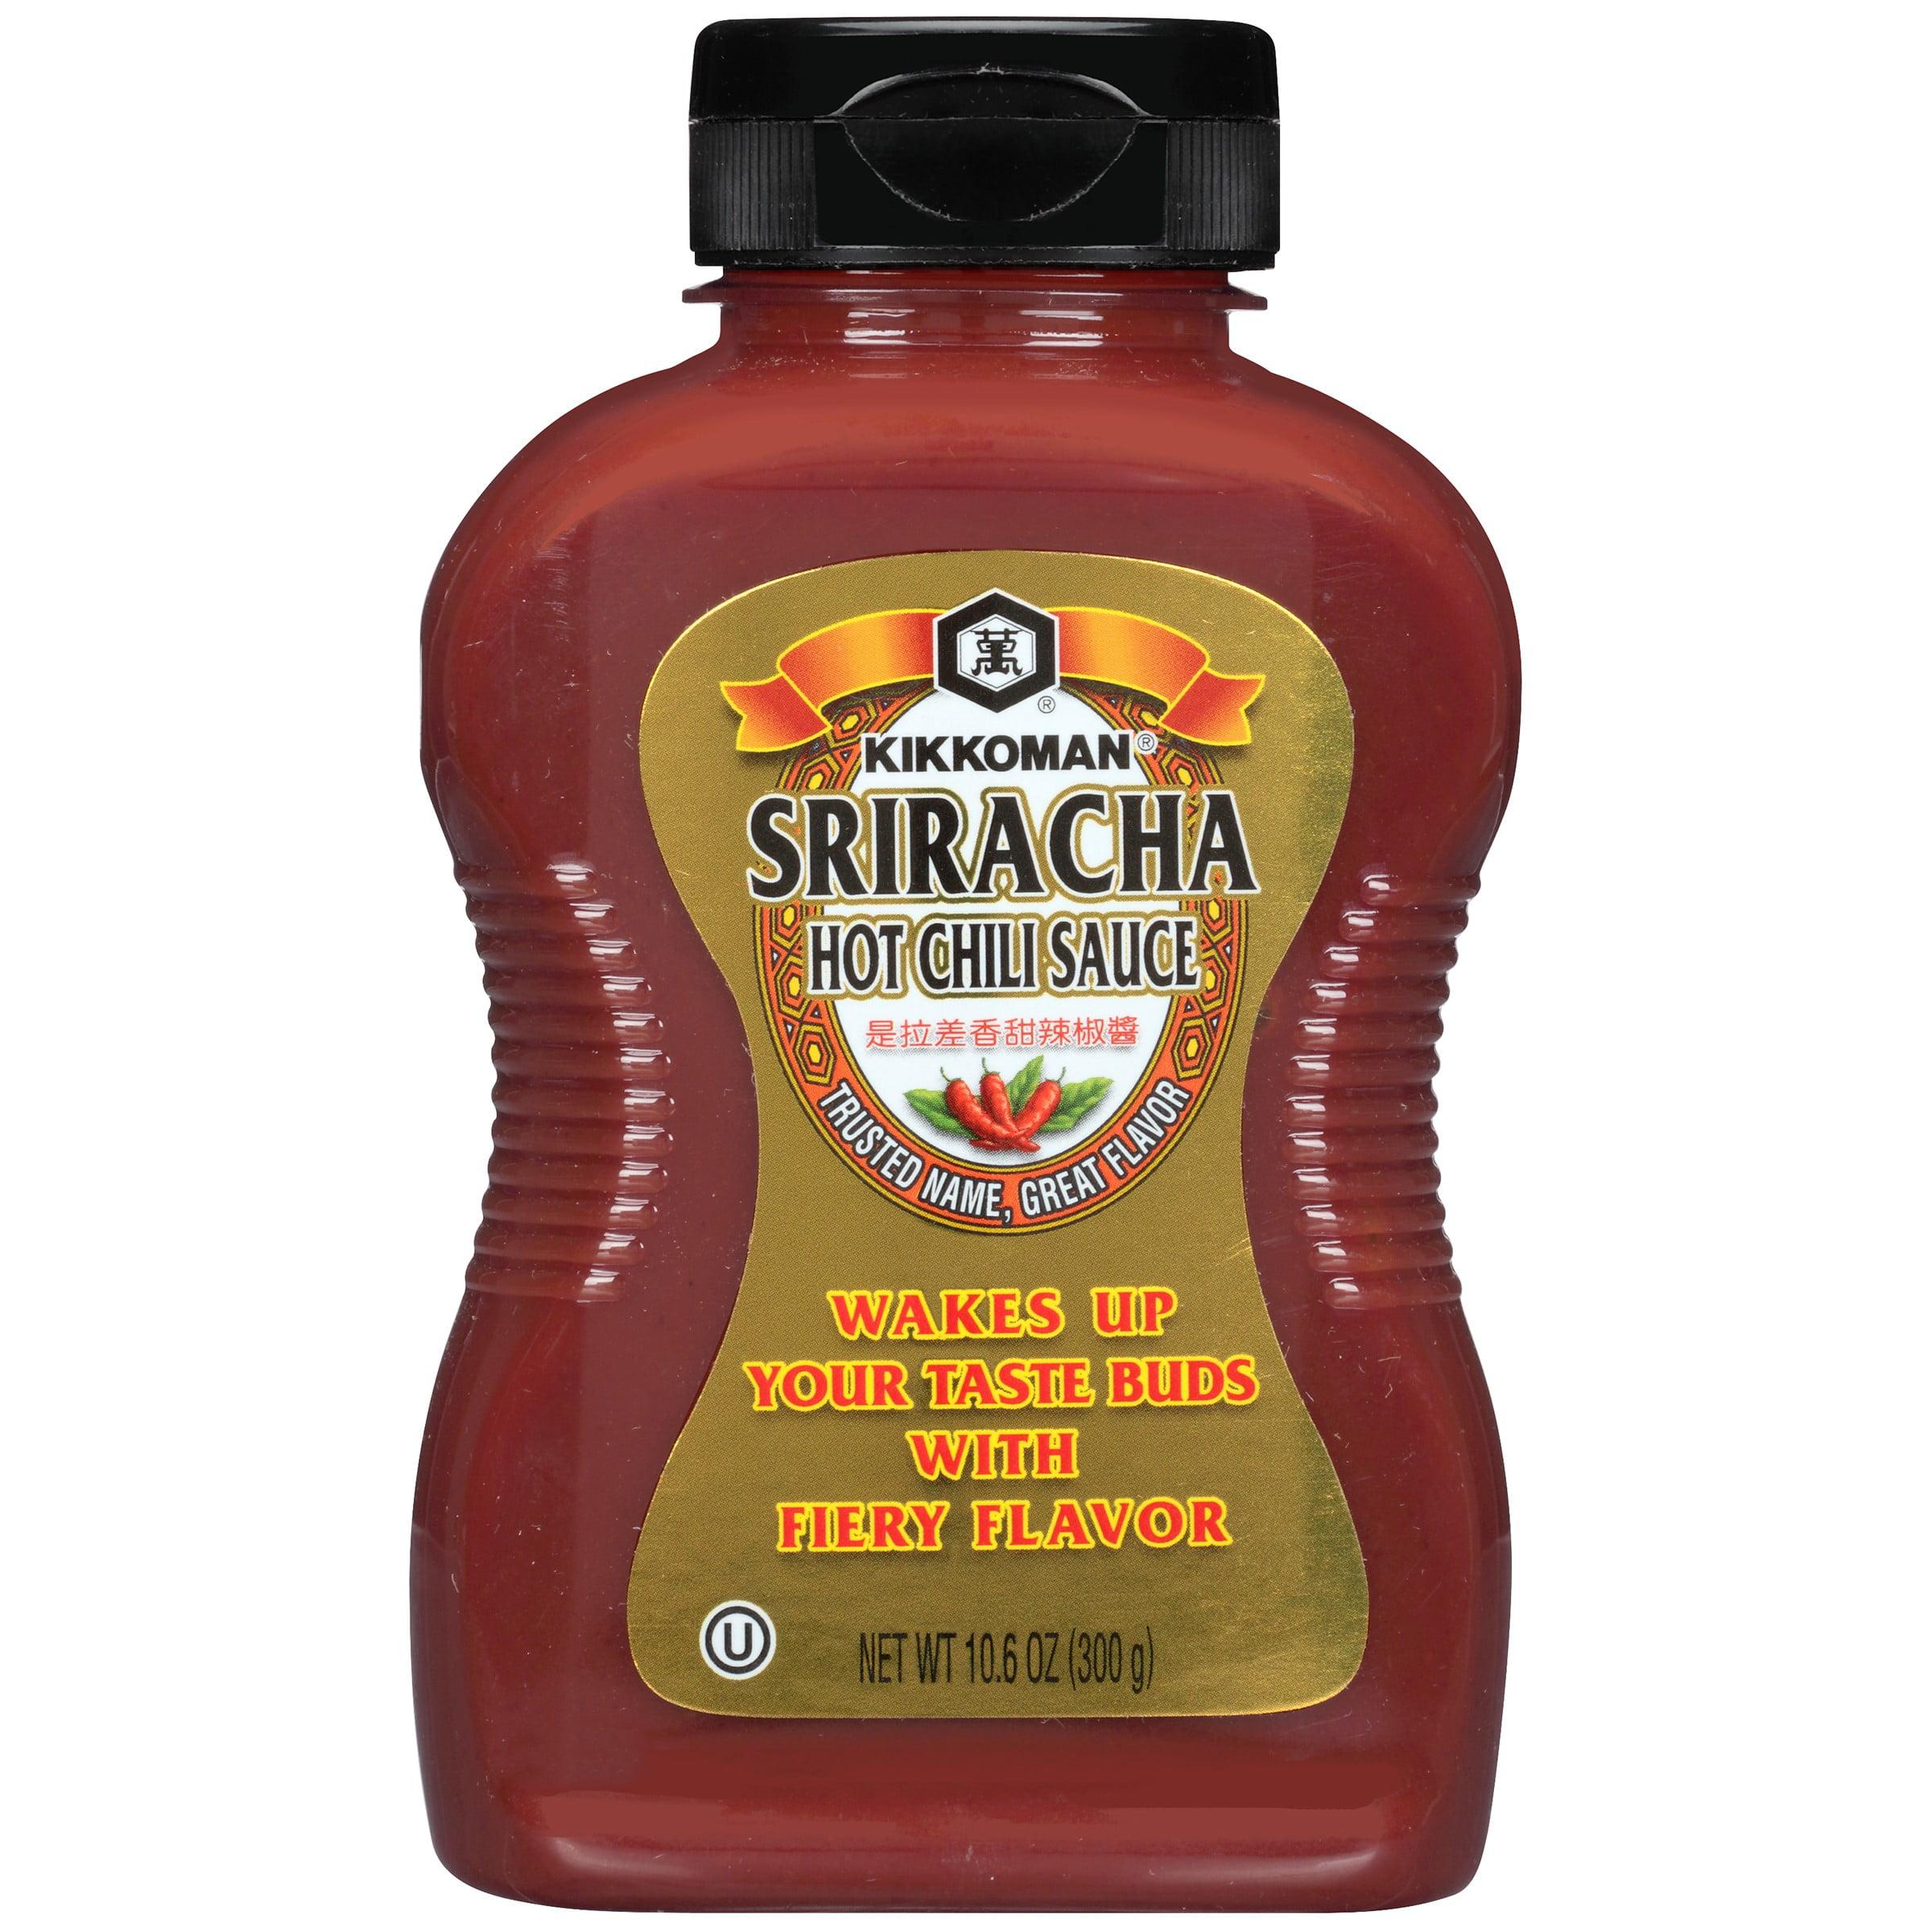 Kikkoman Sriracha Hot Chili Sauce, 10.6 Oz